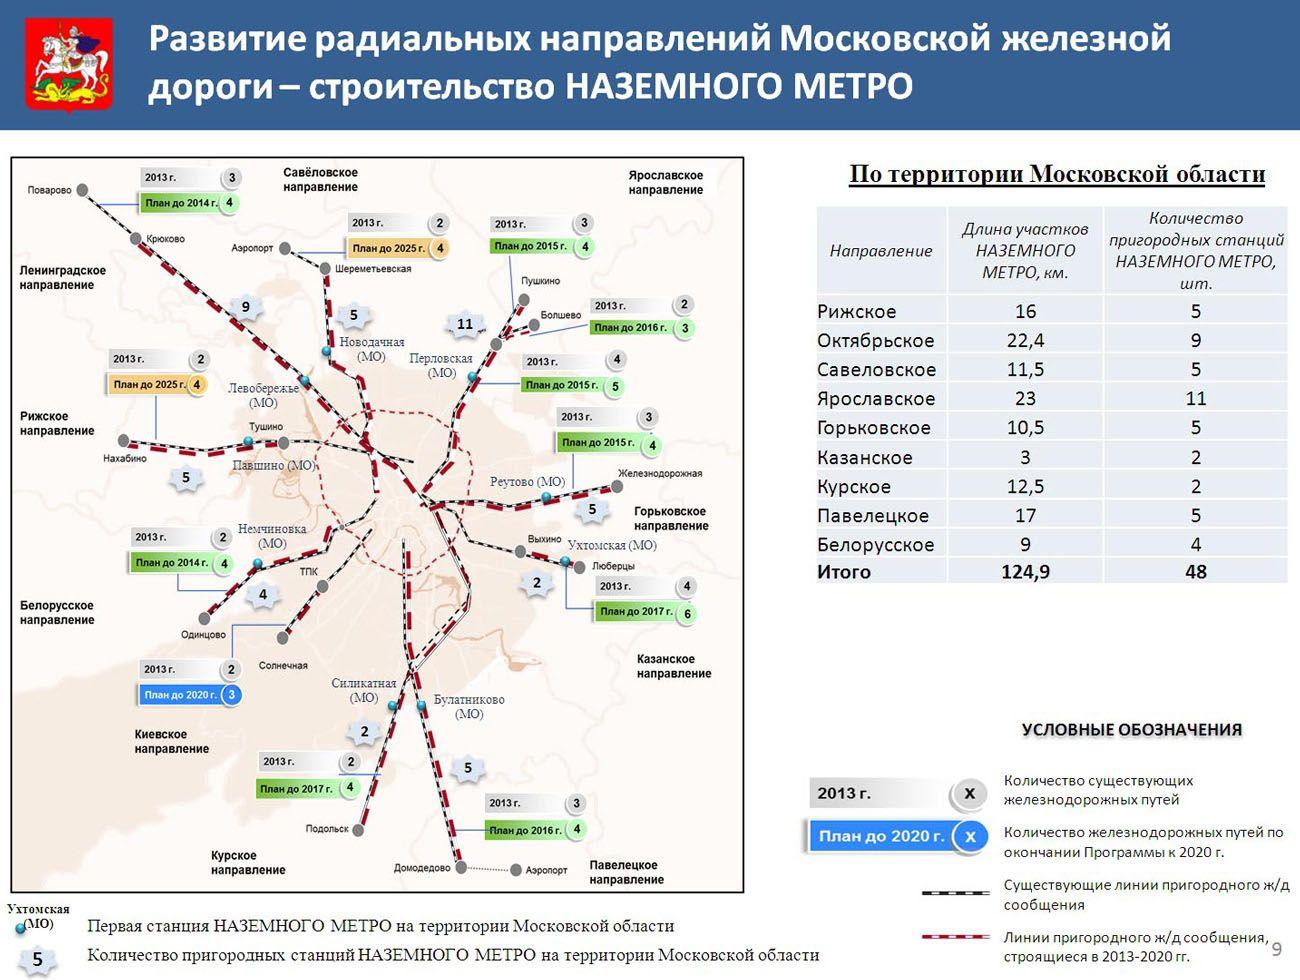 Схема легкого метро москвы 2020 фото 616